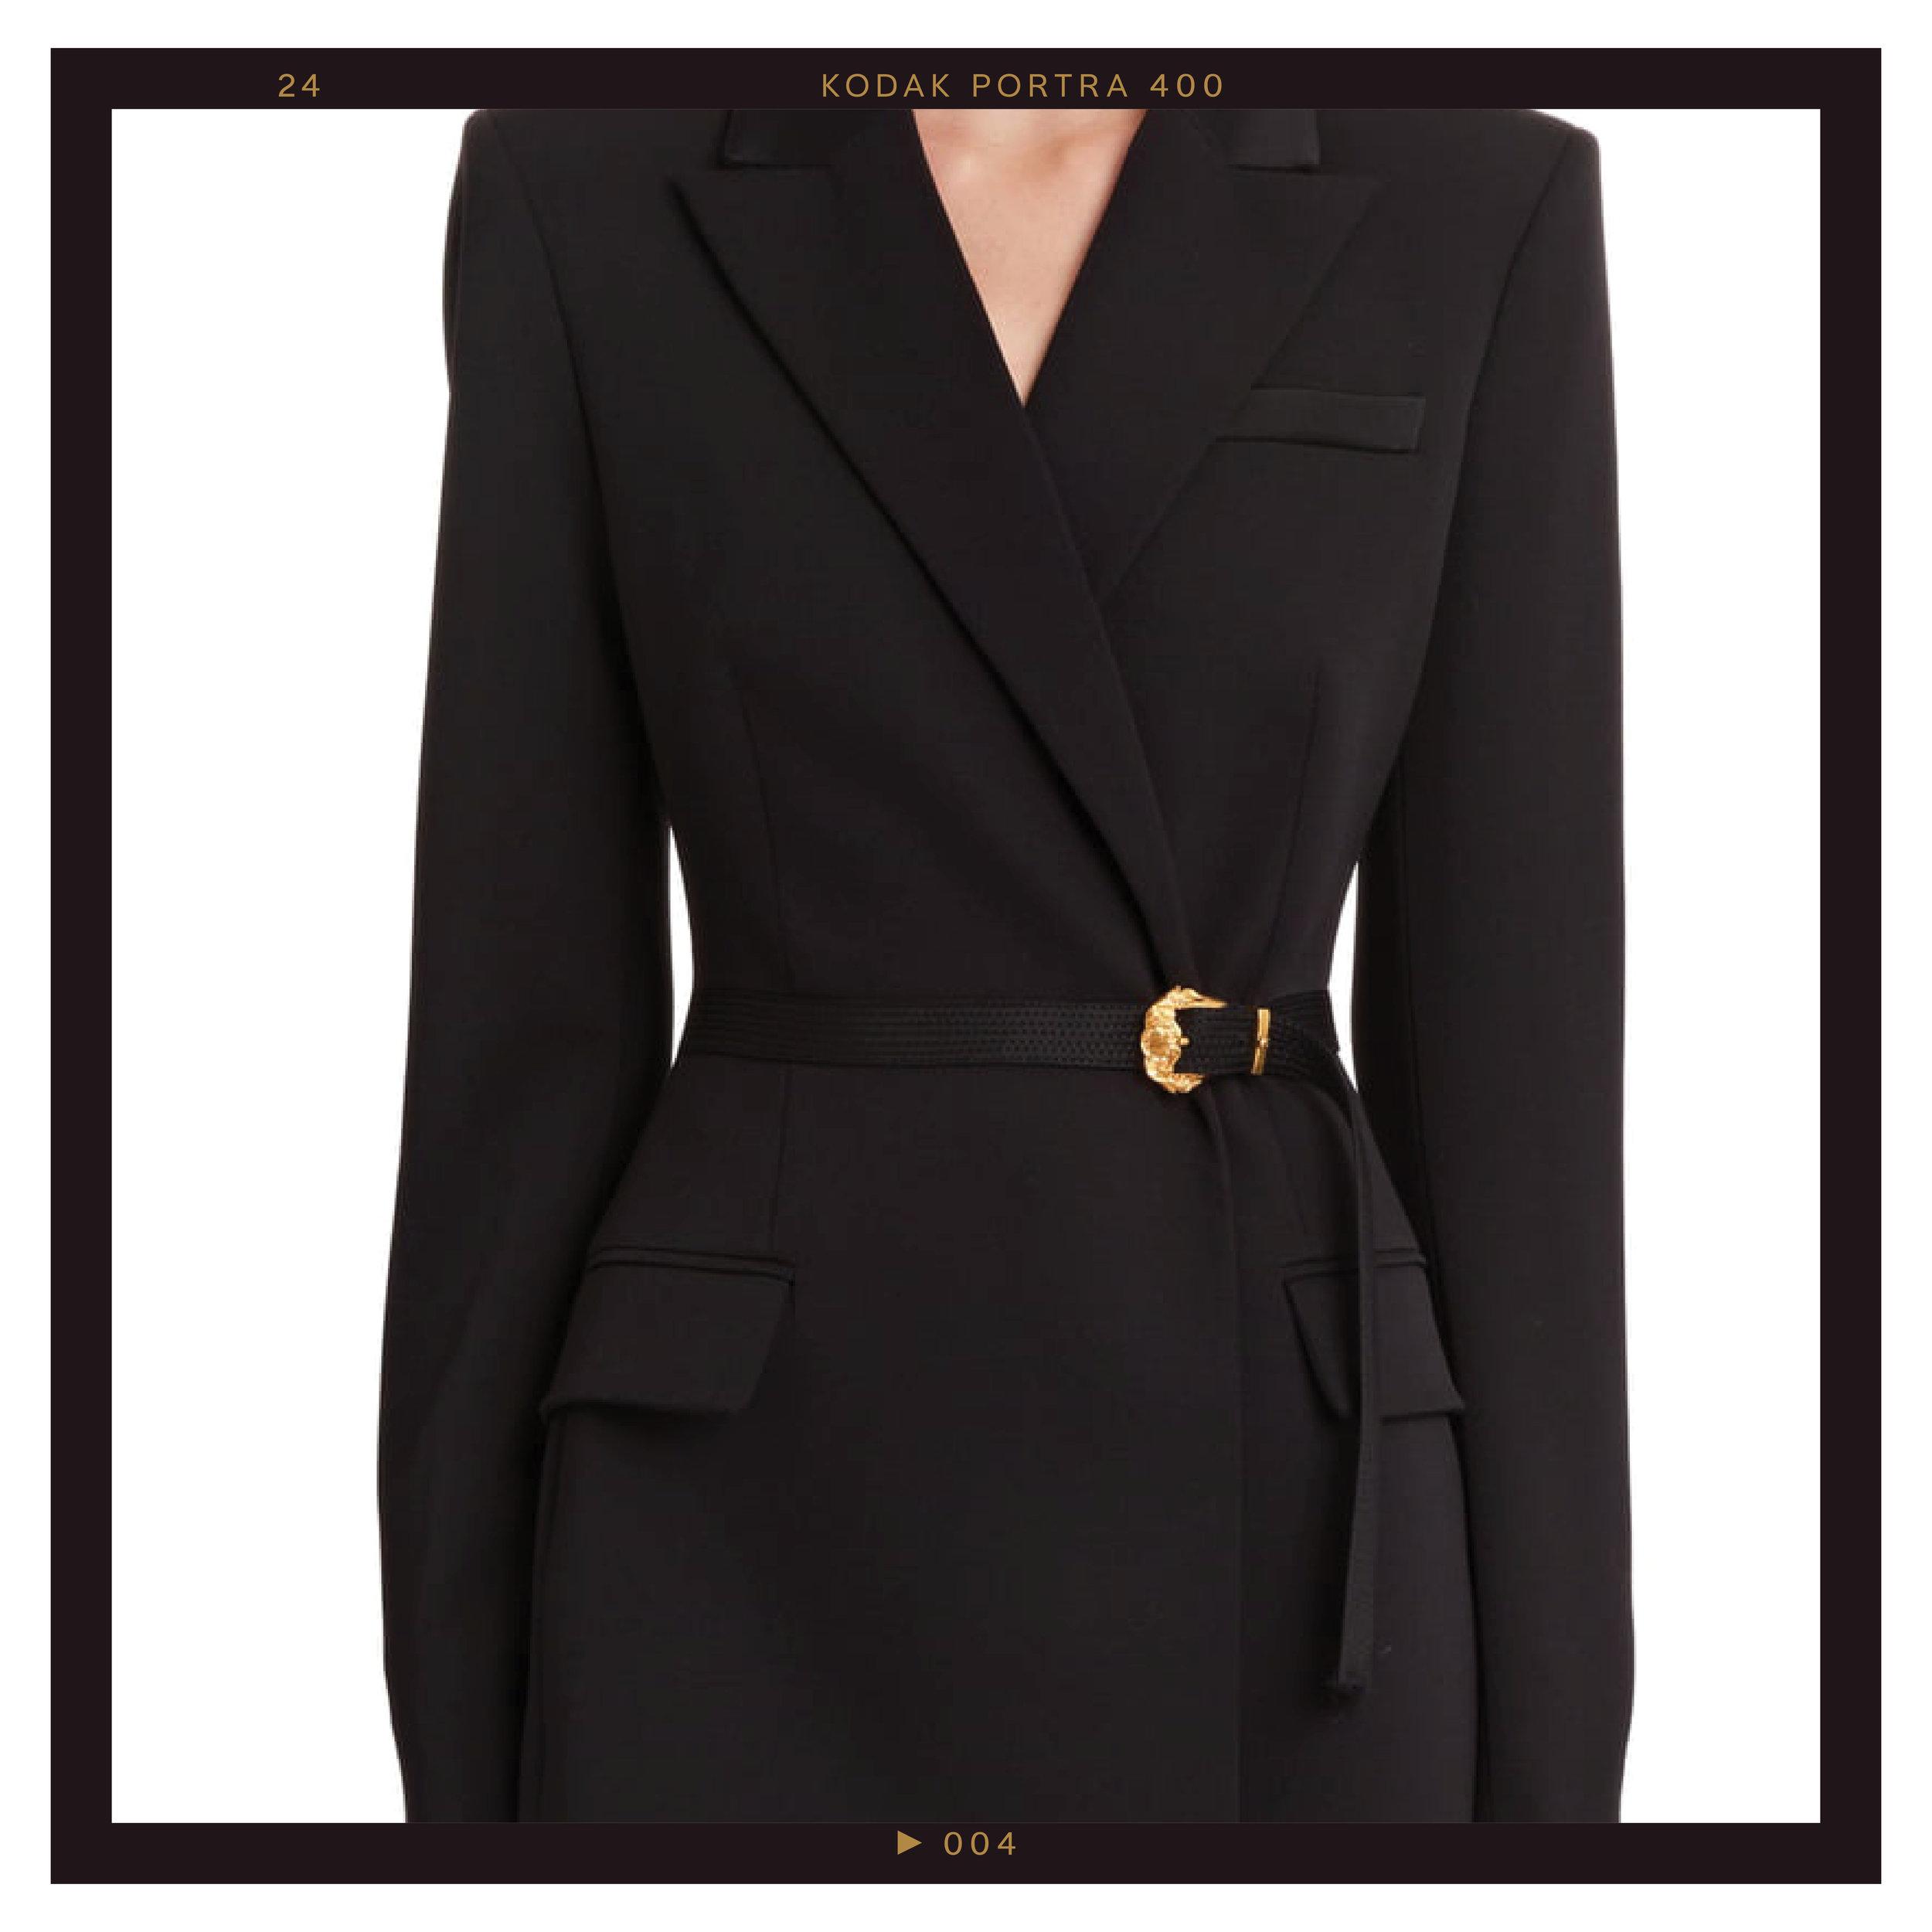 Versace Belted Stretch Wool Blazer, $2550